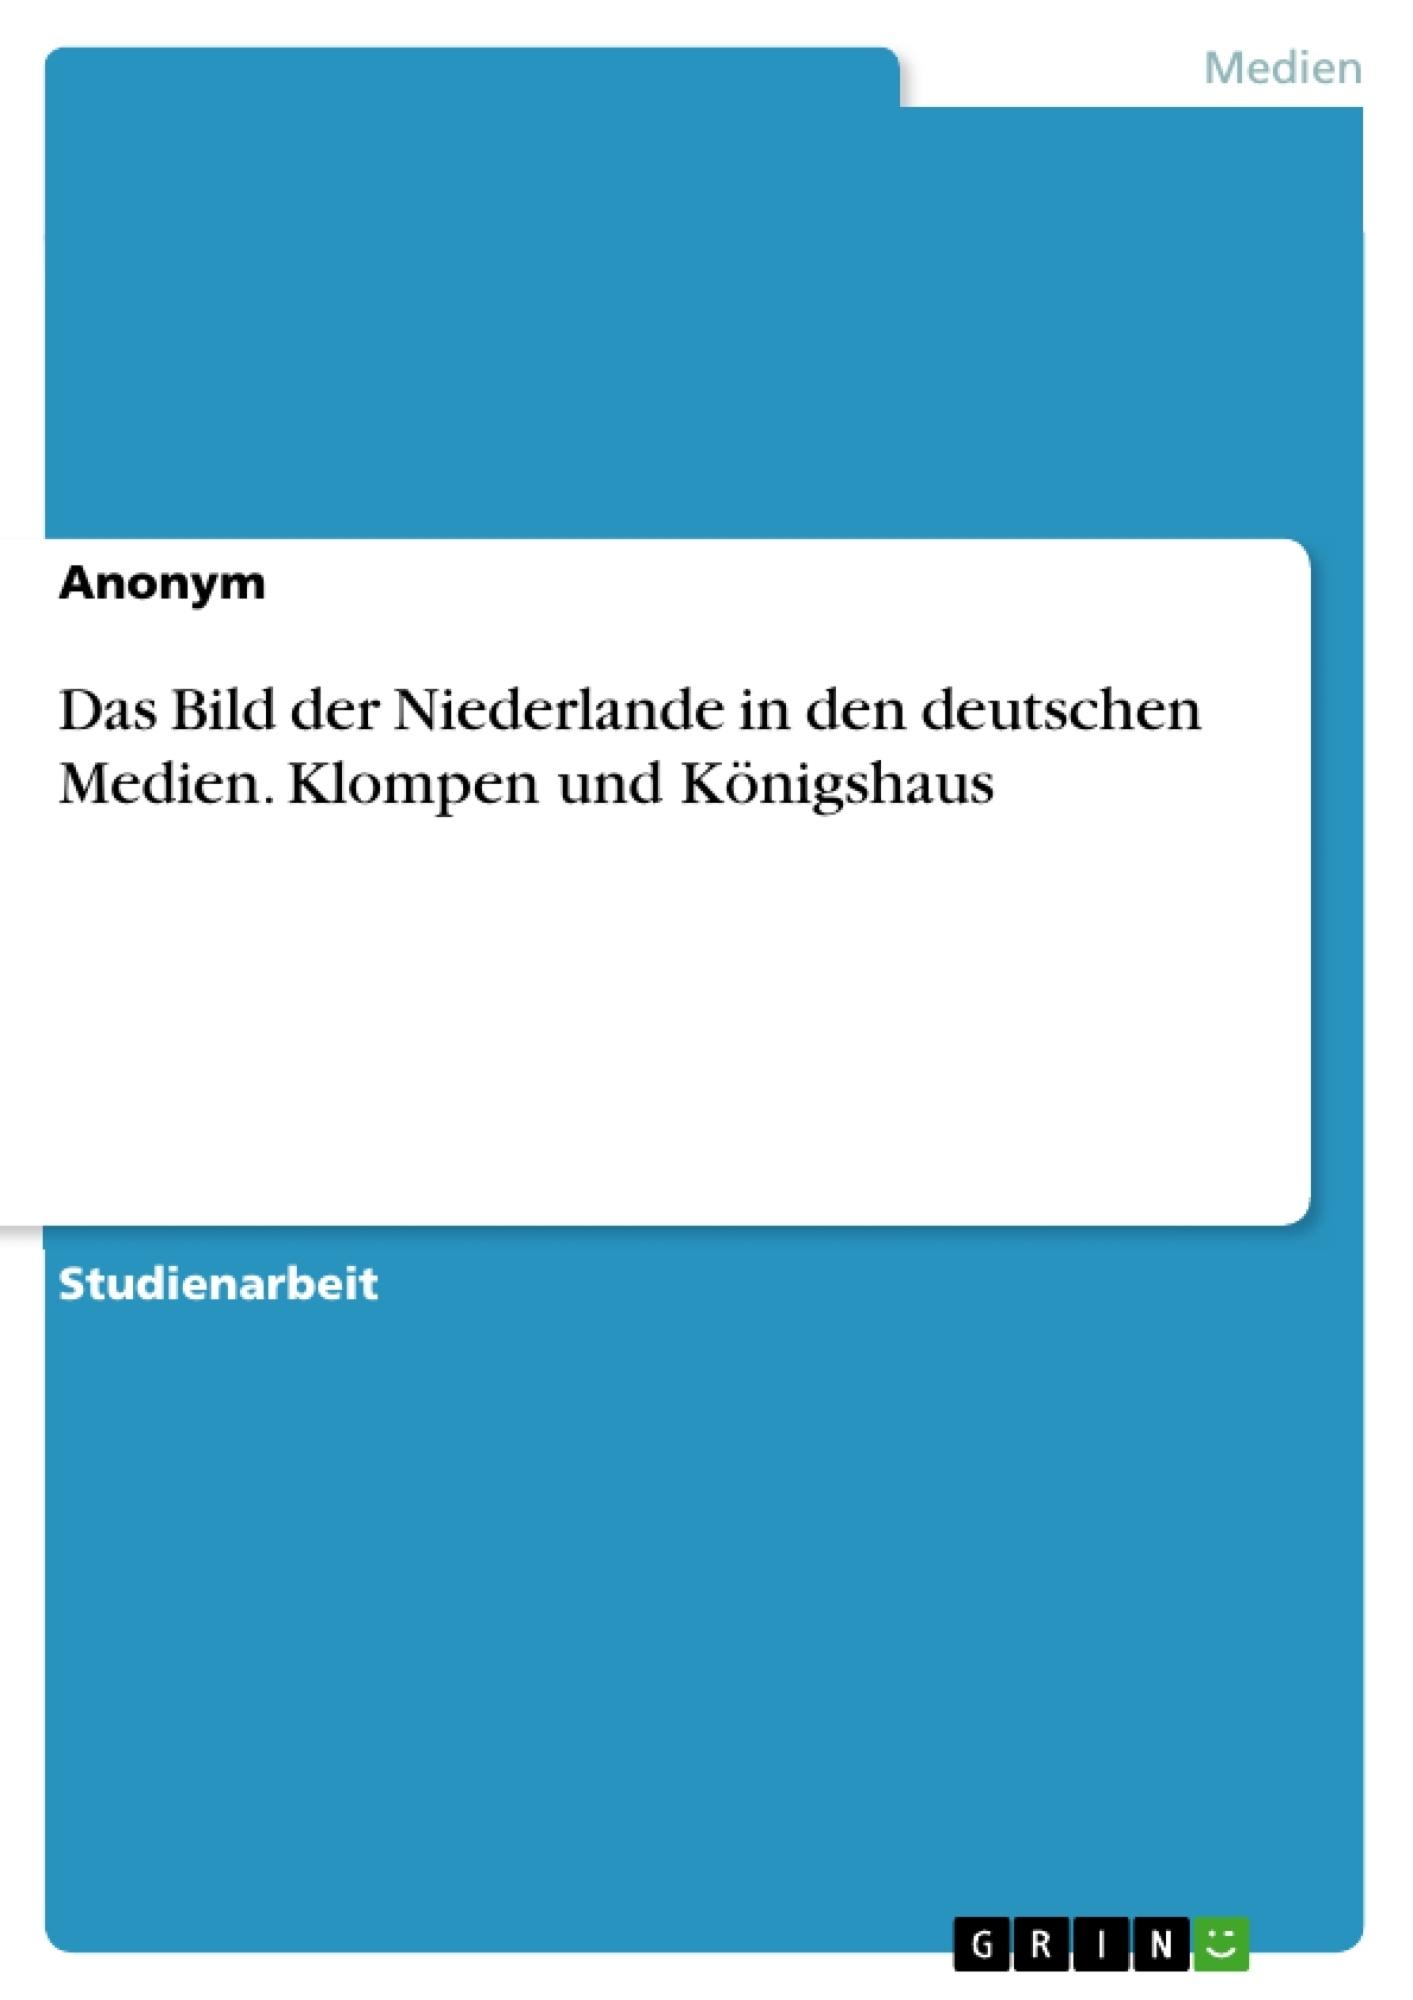 Titel: Das Bild der Niederlande in den deutschen Medien. Klompen und Königshaus